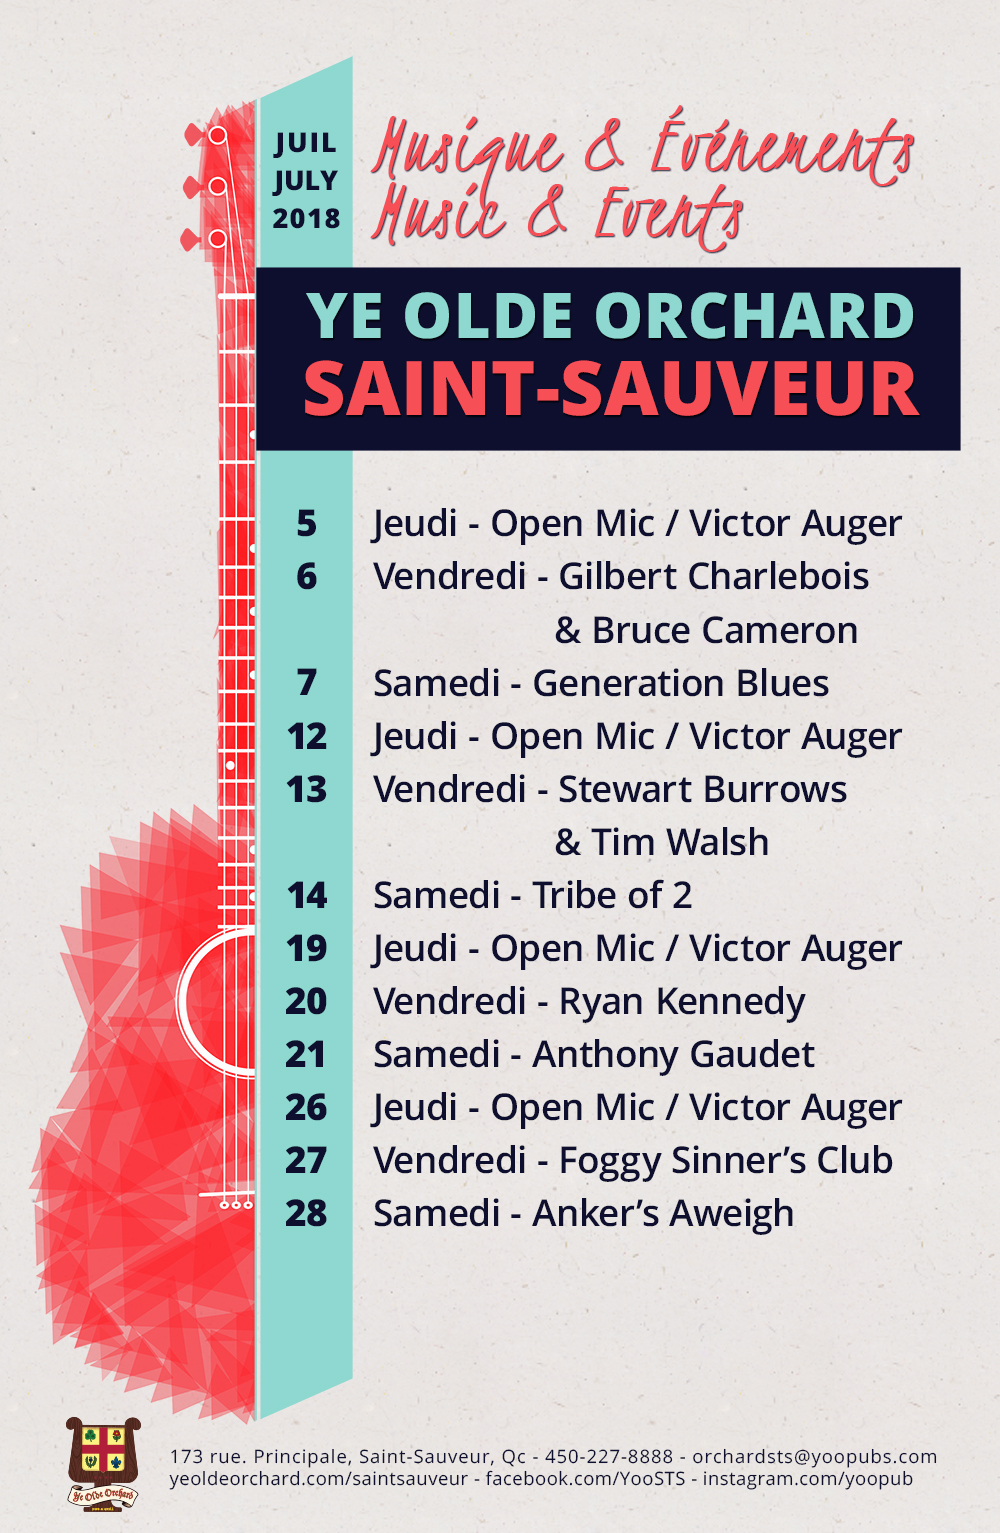 ye-olde-orchard-pub-music-and-events-calendar-2-saint-sauveur-juillet-2018-WEB